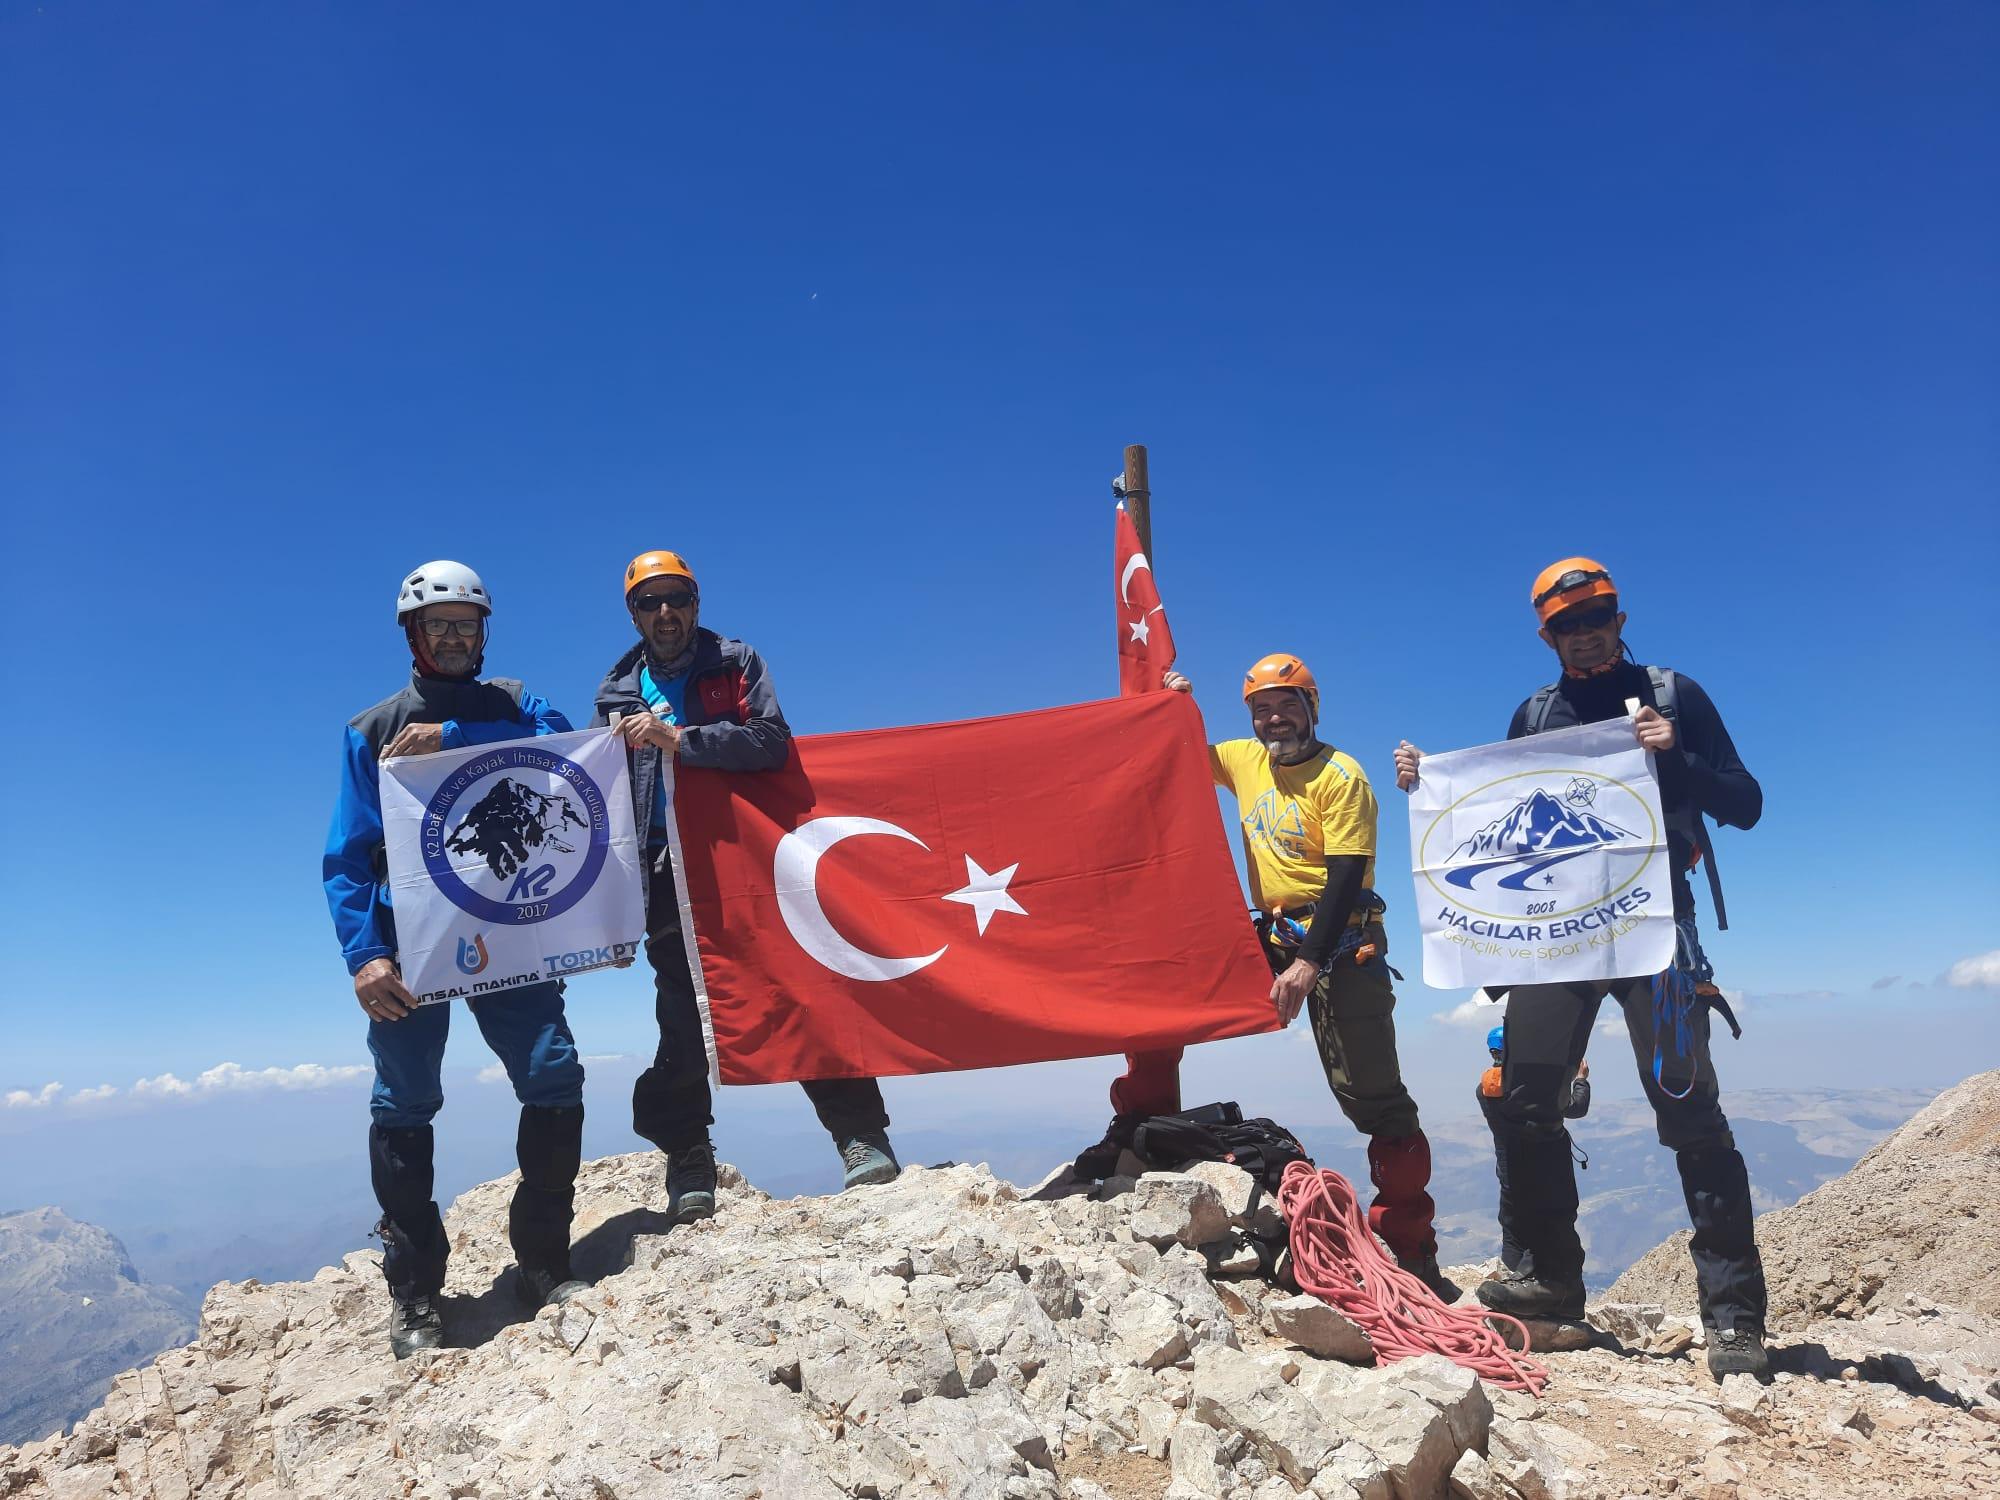 K2 Spor Kulübü Aladağlar Büyük Demirkazık zirve tırmanışını gerçekleştirdi.